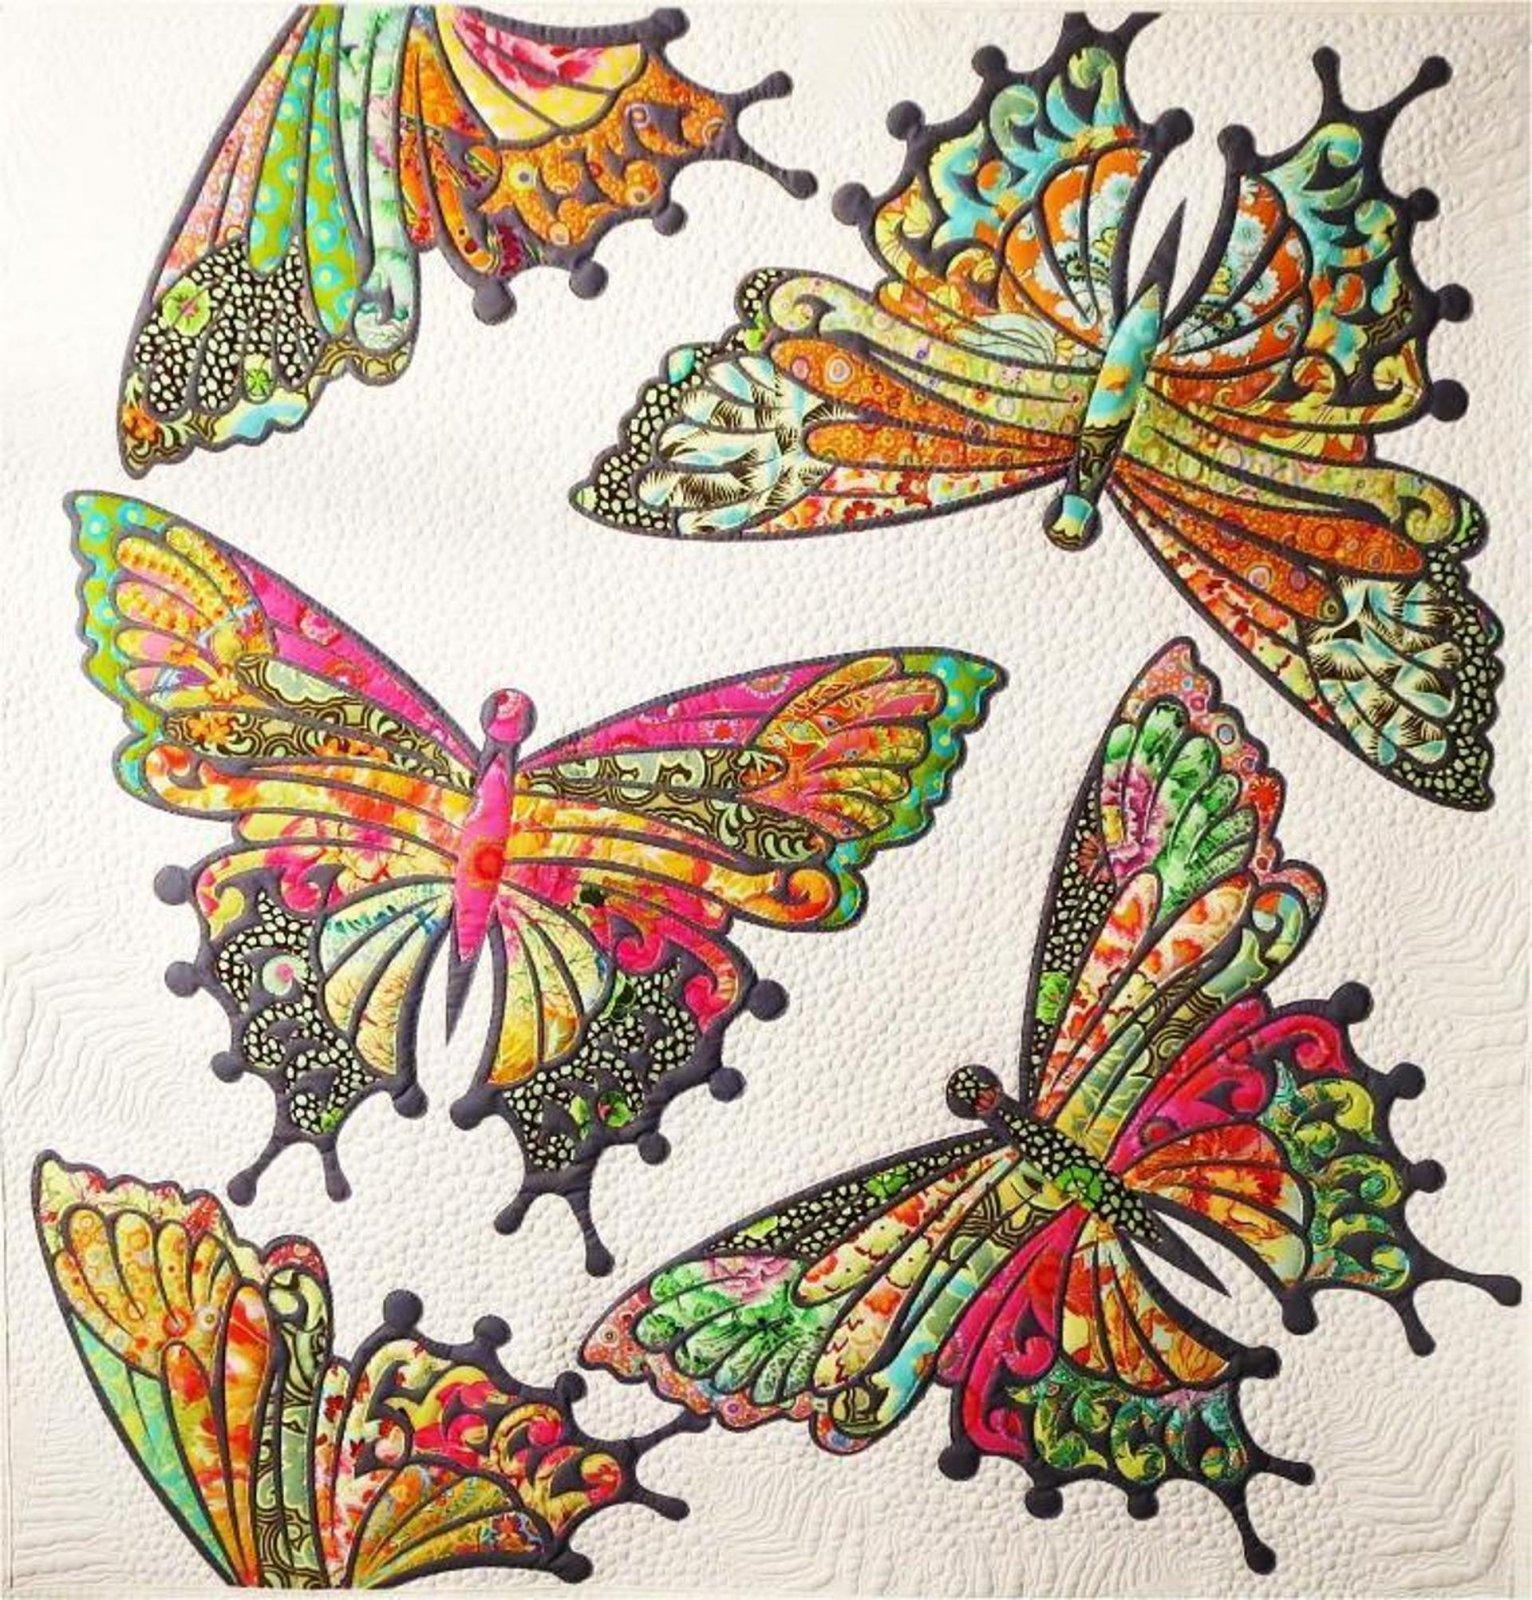 The Modern Butterfly pattern